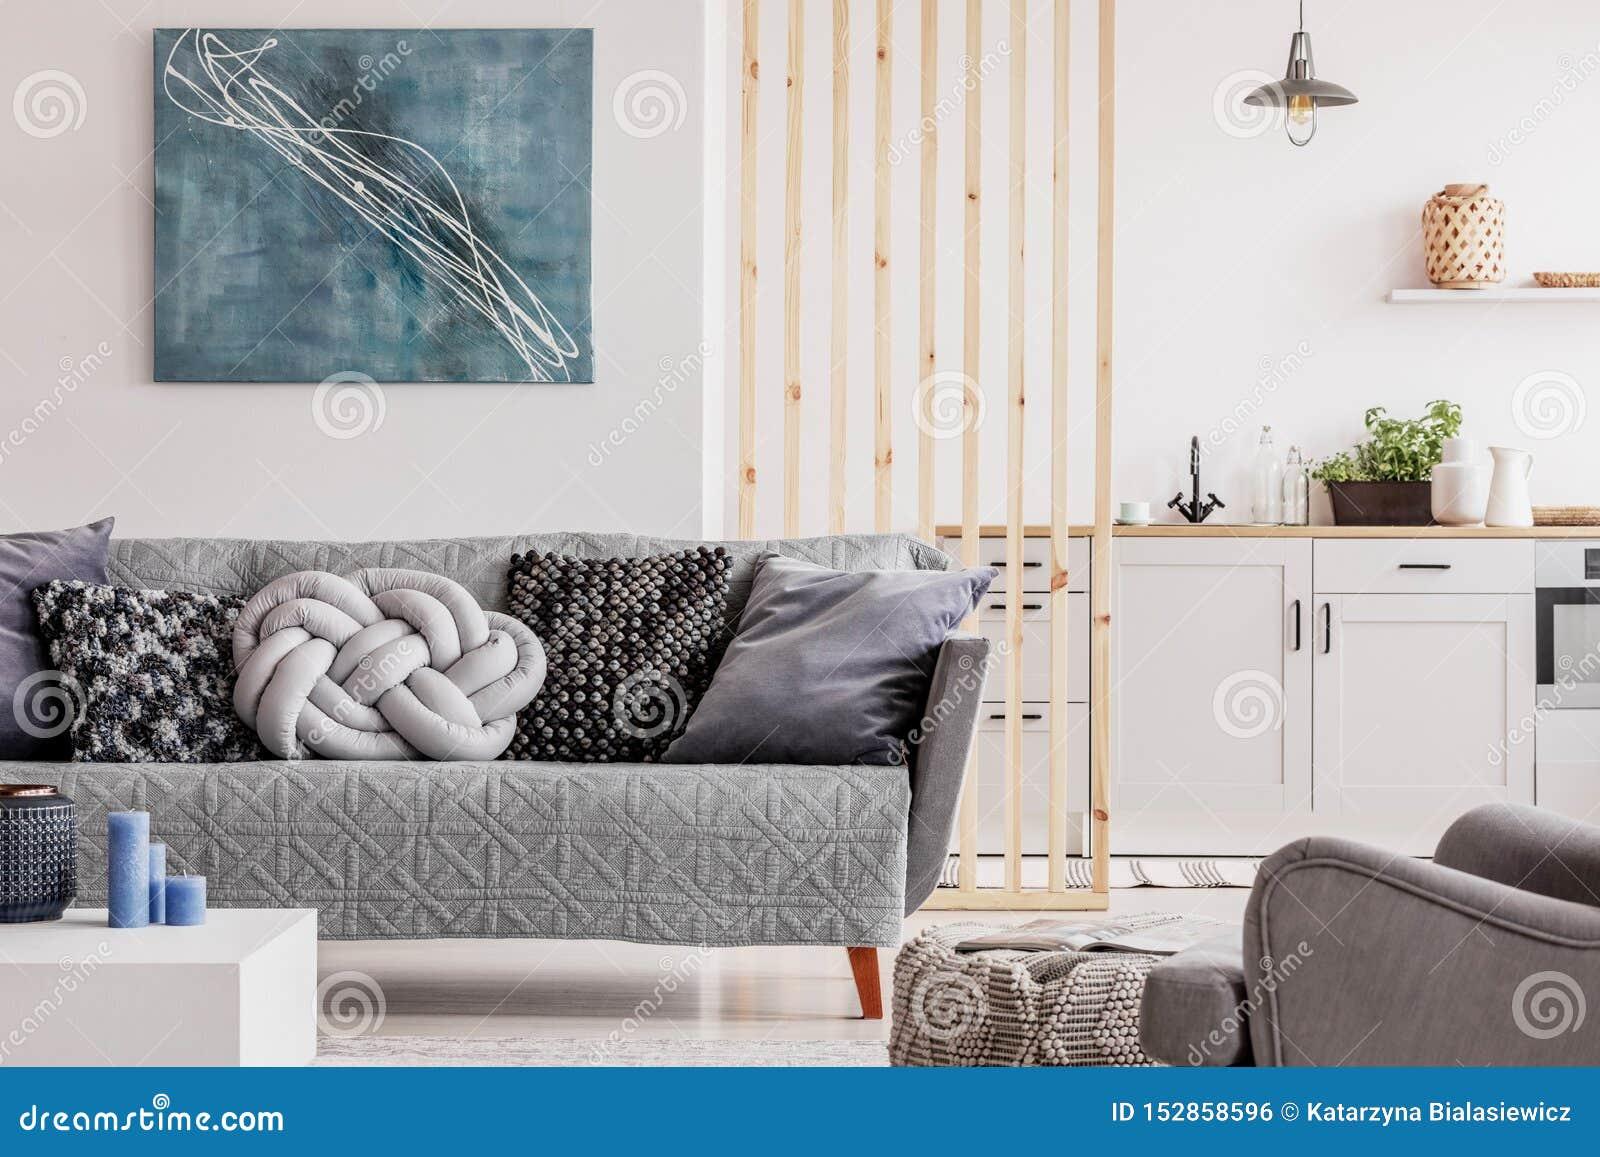 Peinture bleue abstraite sur le mur blanc vide de l appartement ouvert de plan